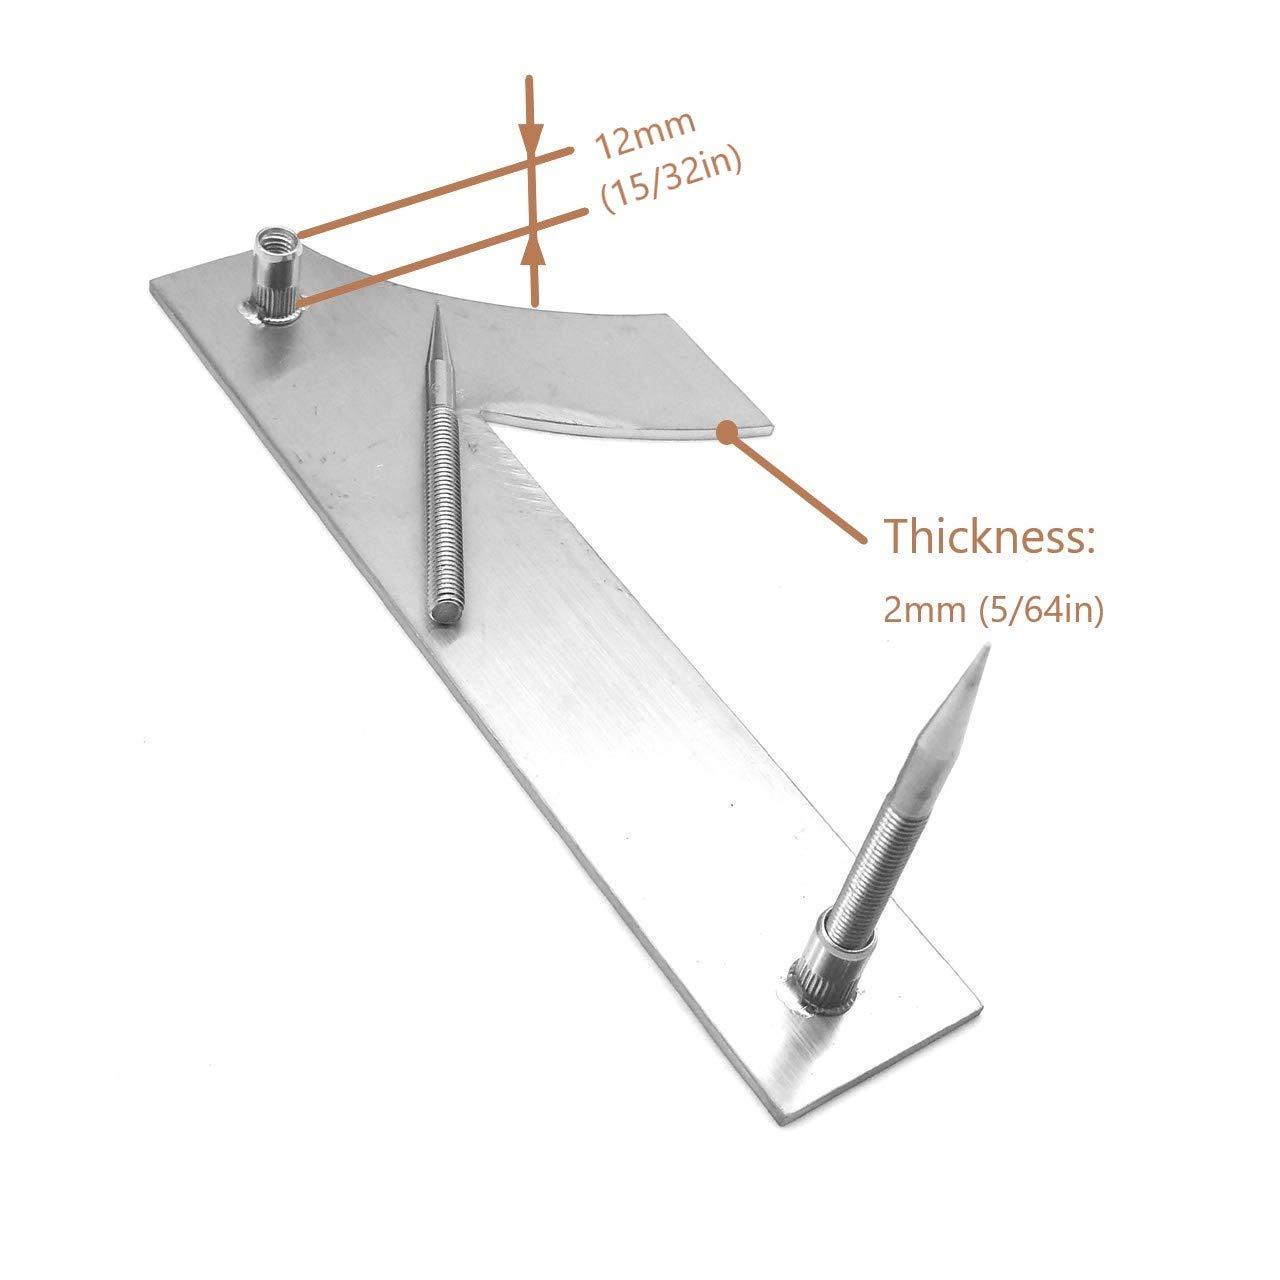 Cepillado n/úmero de casa 3 Tres-15.3 cm 6 in-made de s/ólido Acero inoxidable 304 flotante apariencia f/ácil de instalar